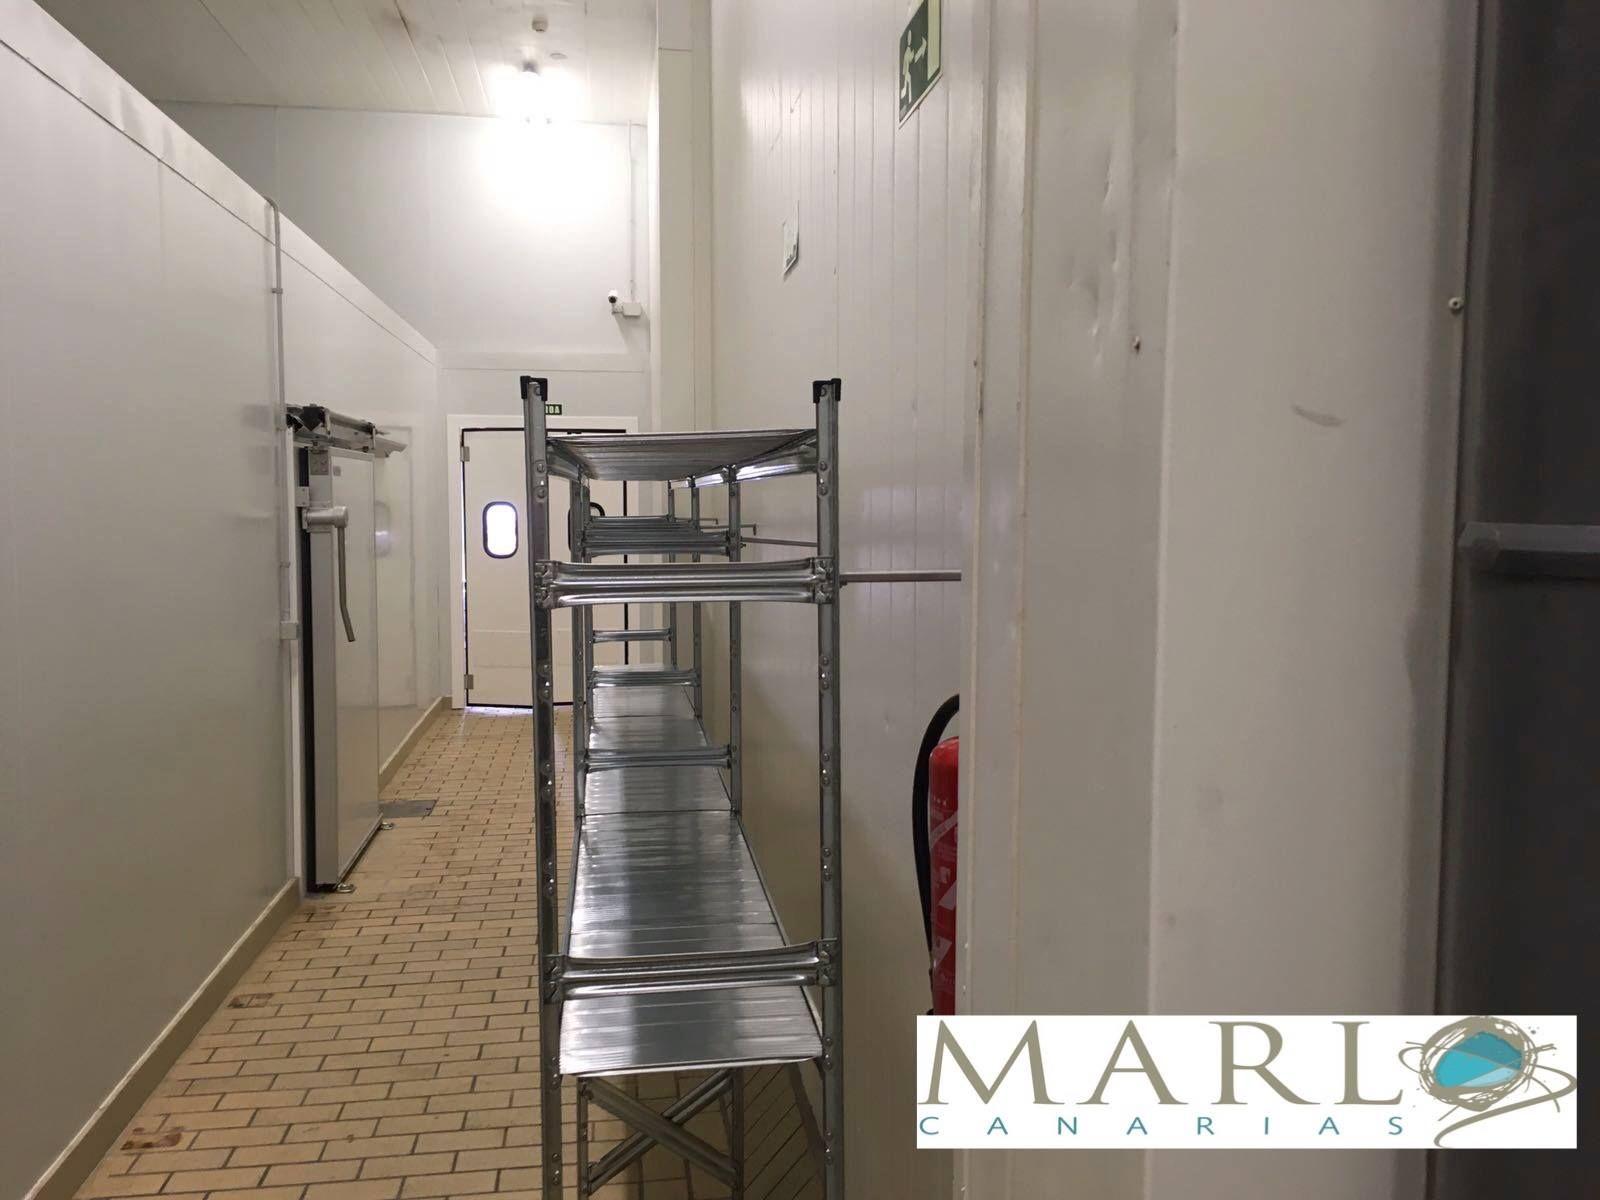 fabricación de estanterías metálicas en Gran Canaria